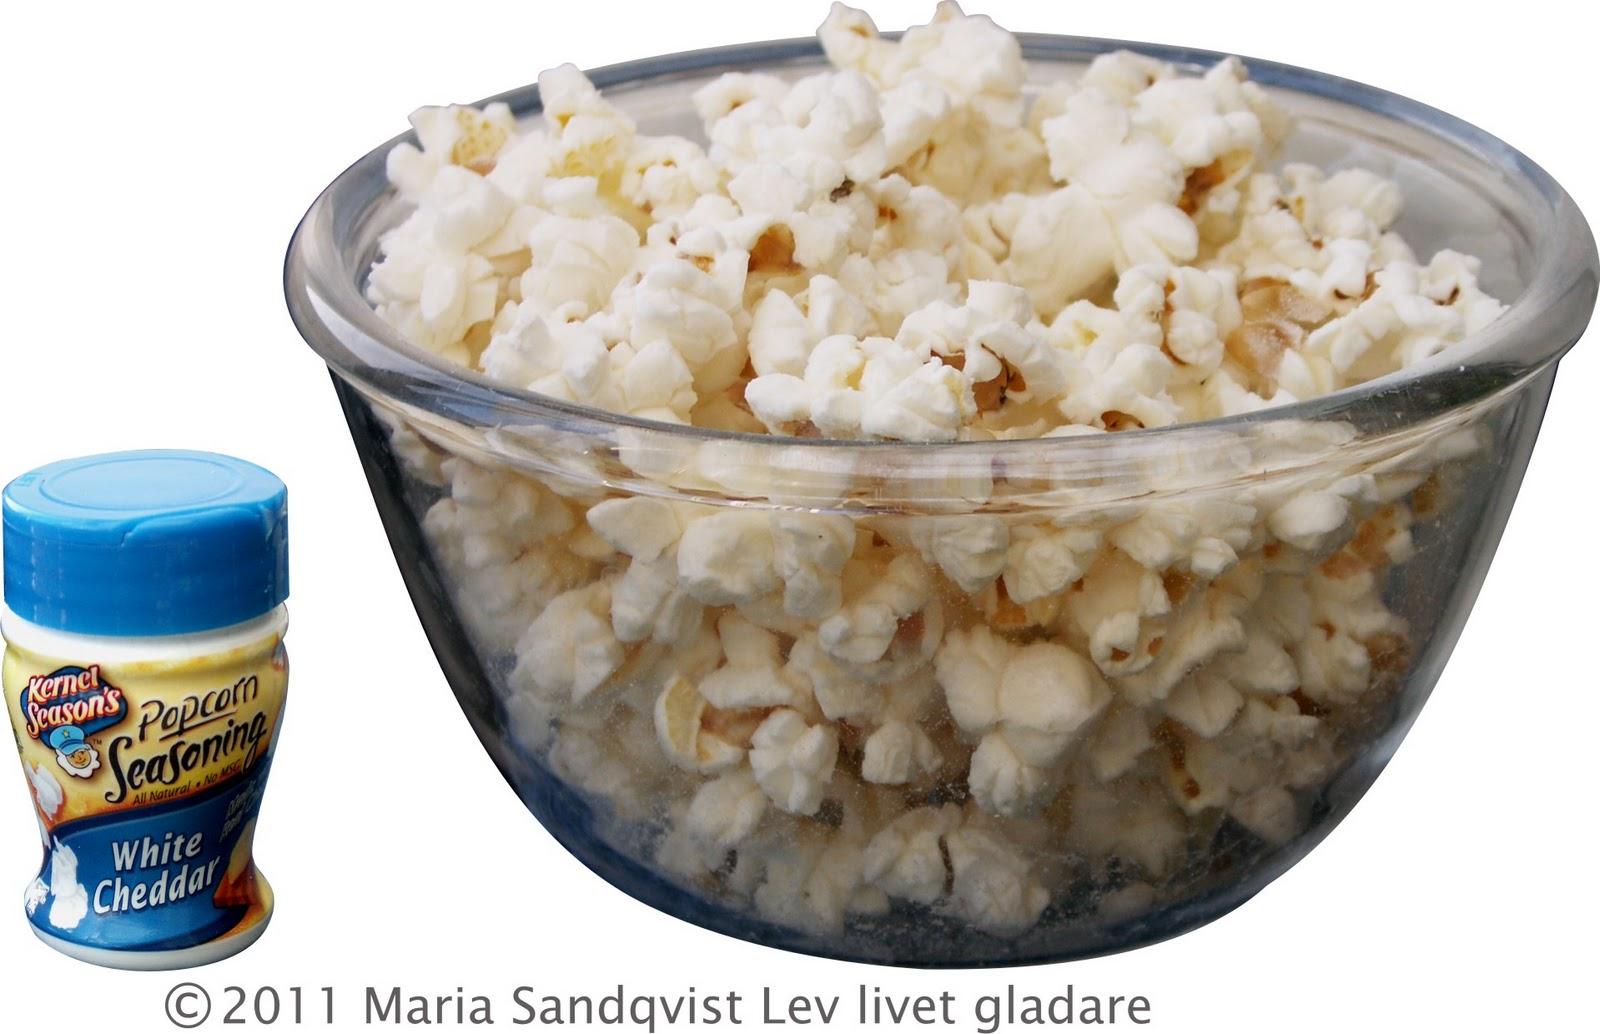 Har smaskas ton av popcorn